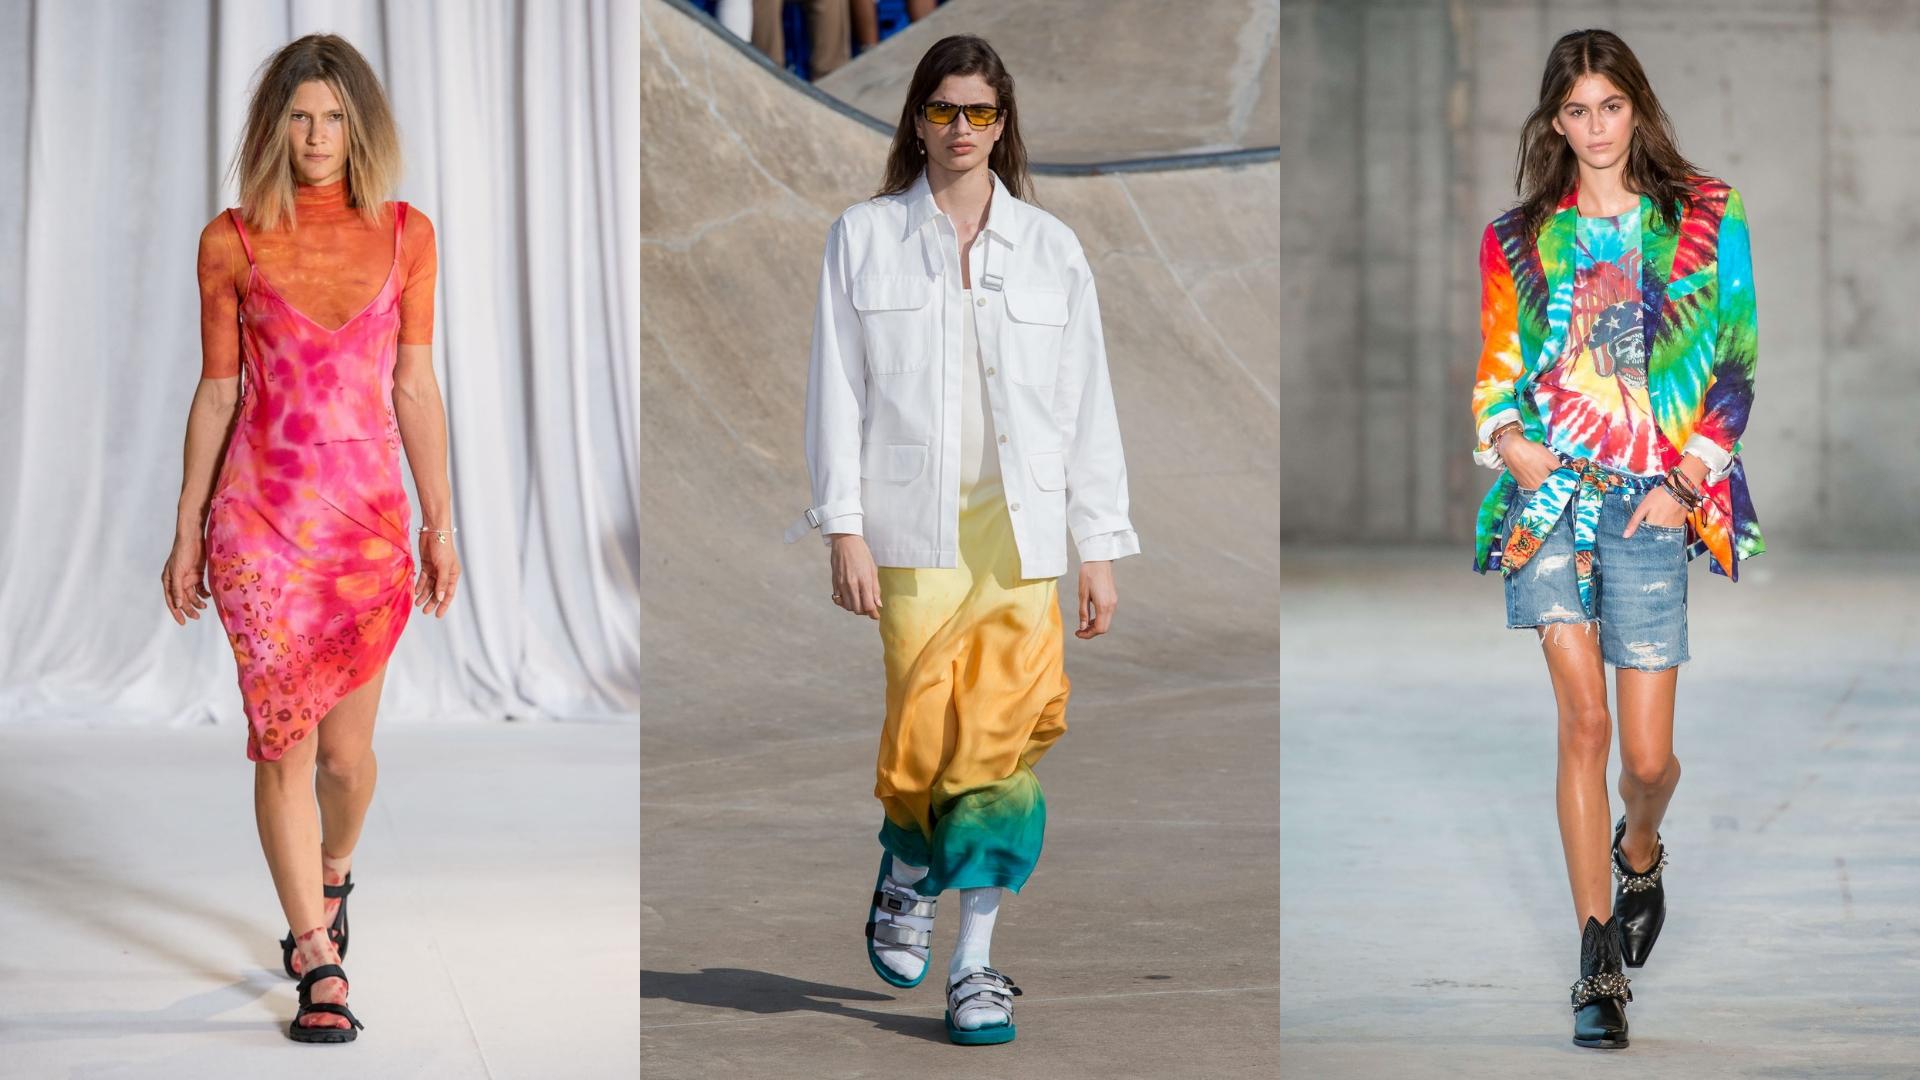 xu hướng thời trang tie-dye 2